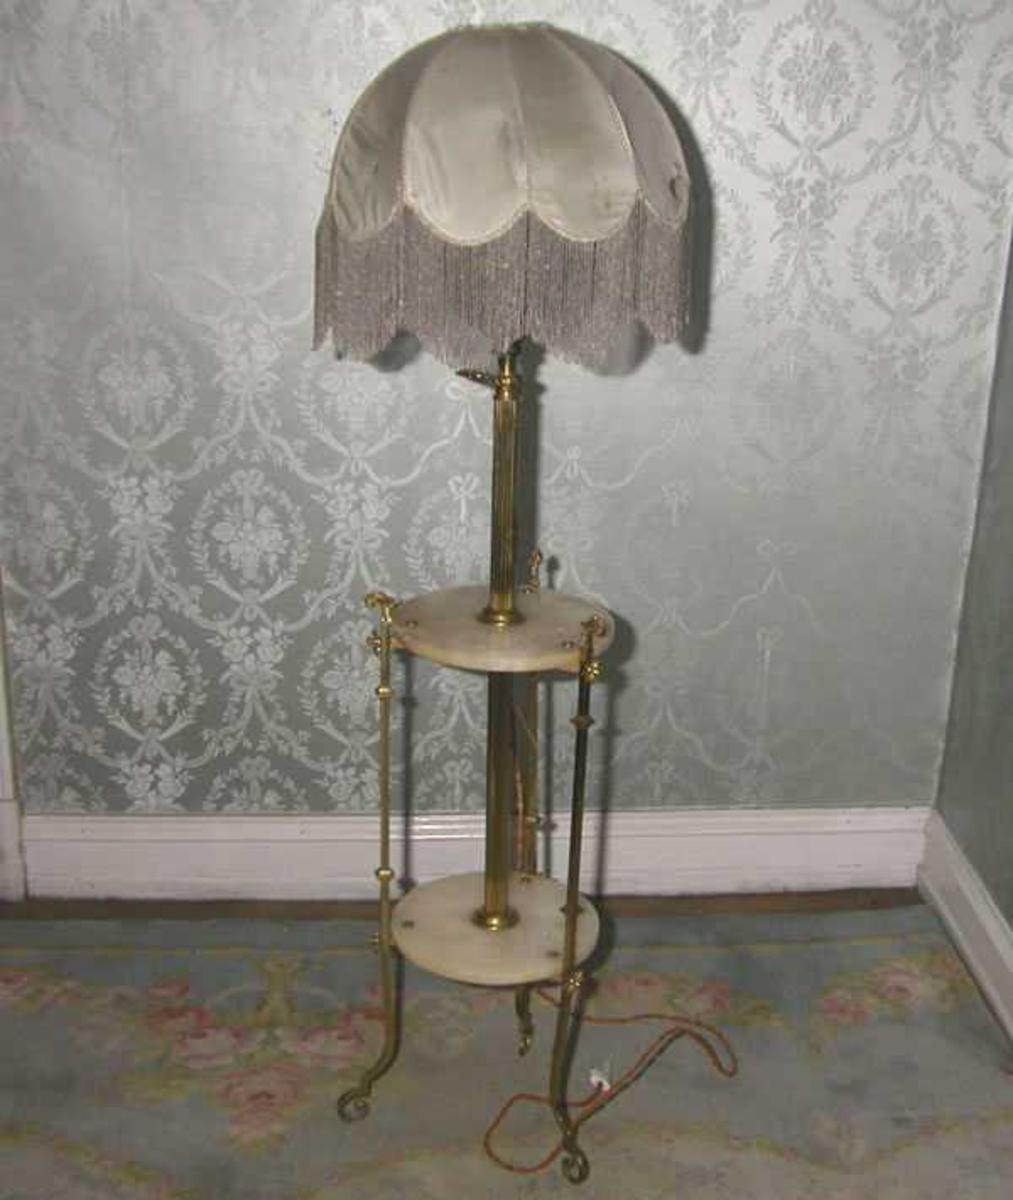 """a) Stålampe i gult metall med onyxplater. runde plater festet til lampefoten med blomsterformede metallfester. 3 støtteføtter i gult metall med rokokkomønster. b) Hvit silkeskjerm, delt i 10 felter med grå perlerysjer i tunger. Oprinnelig parafinlampe med skål under pærefeste, nå; elektrisk med pære.  """"En messing staalampe."""" Inventarliste fra Gustav Amundsen 1934."""